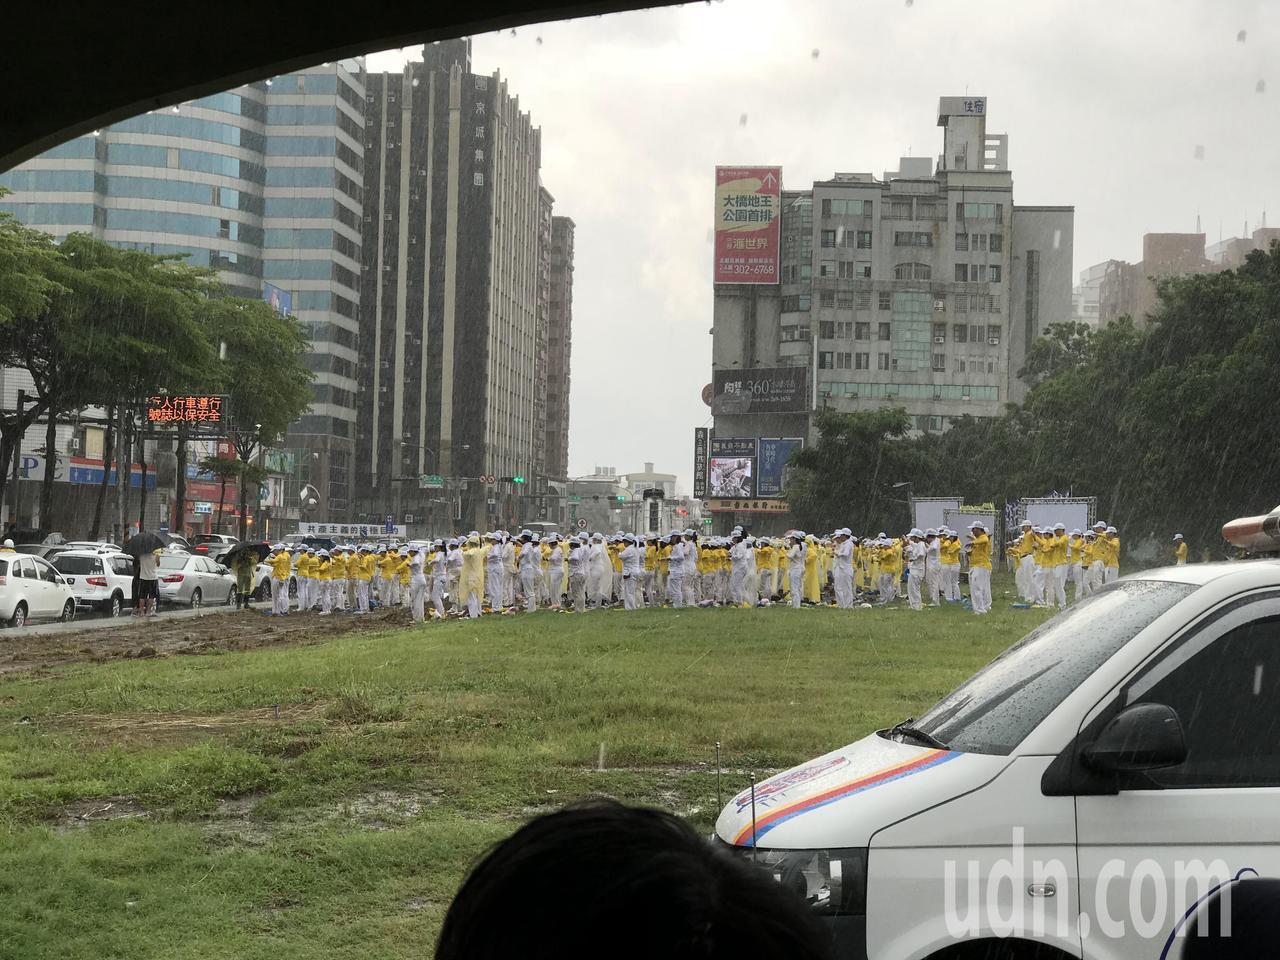 平實營區下起大雨,聽音樂會的民眾紛紛躲雨,法輪功仍留在原地。記者鄭維真/攝影